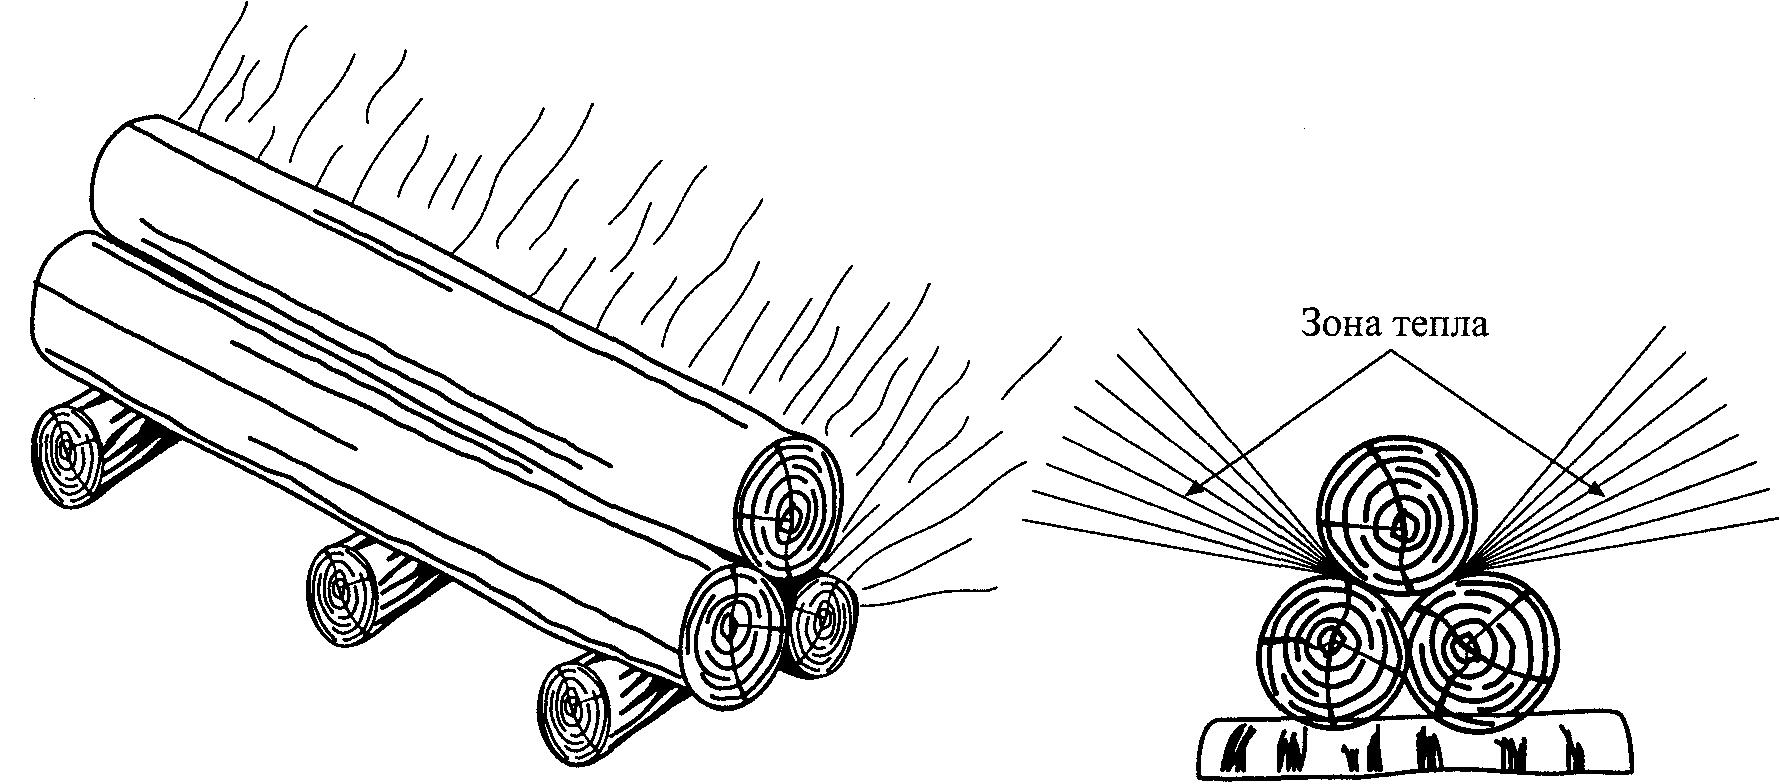 Как правильно развести костер — растопка, виды, подача сигнала